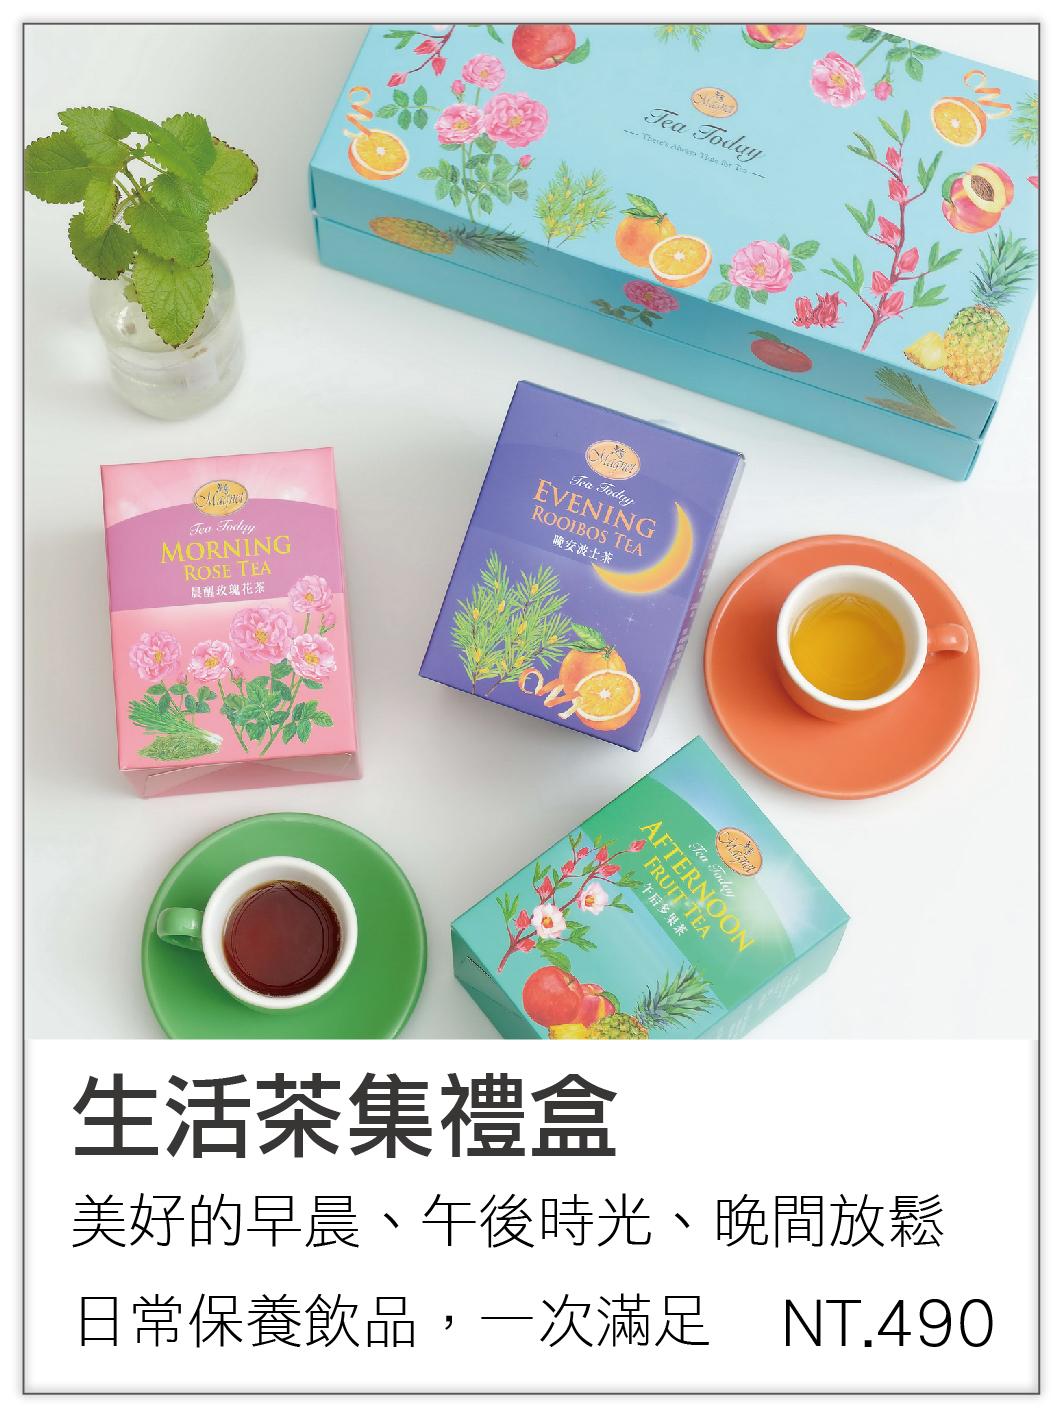 生活茶集禮盒